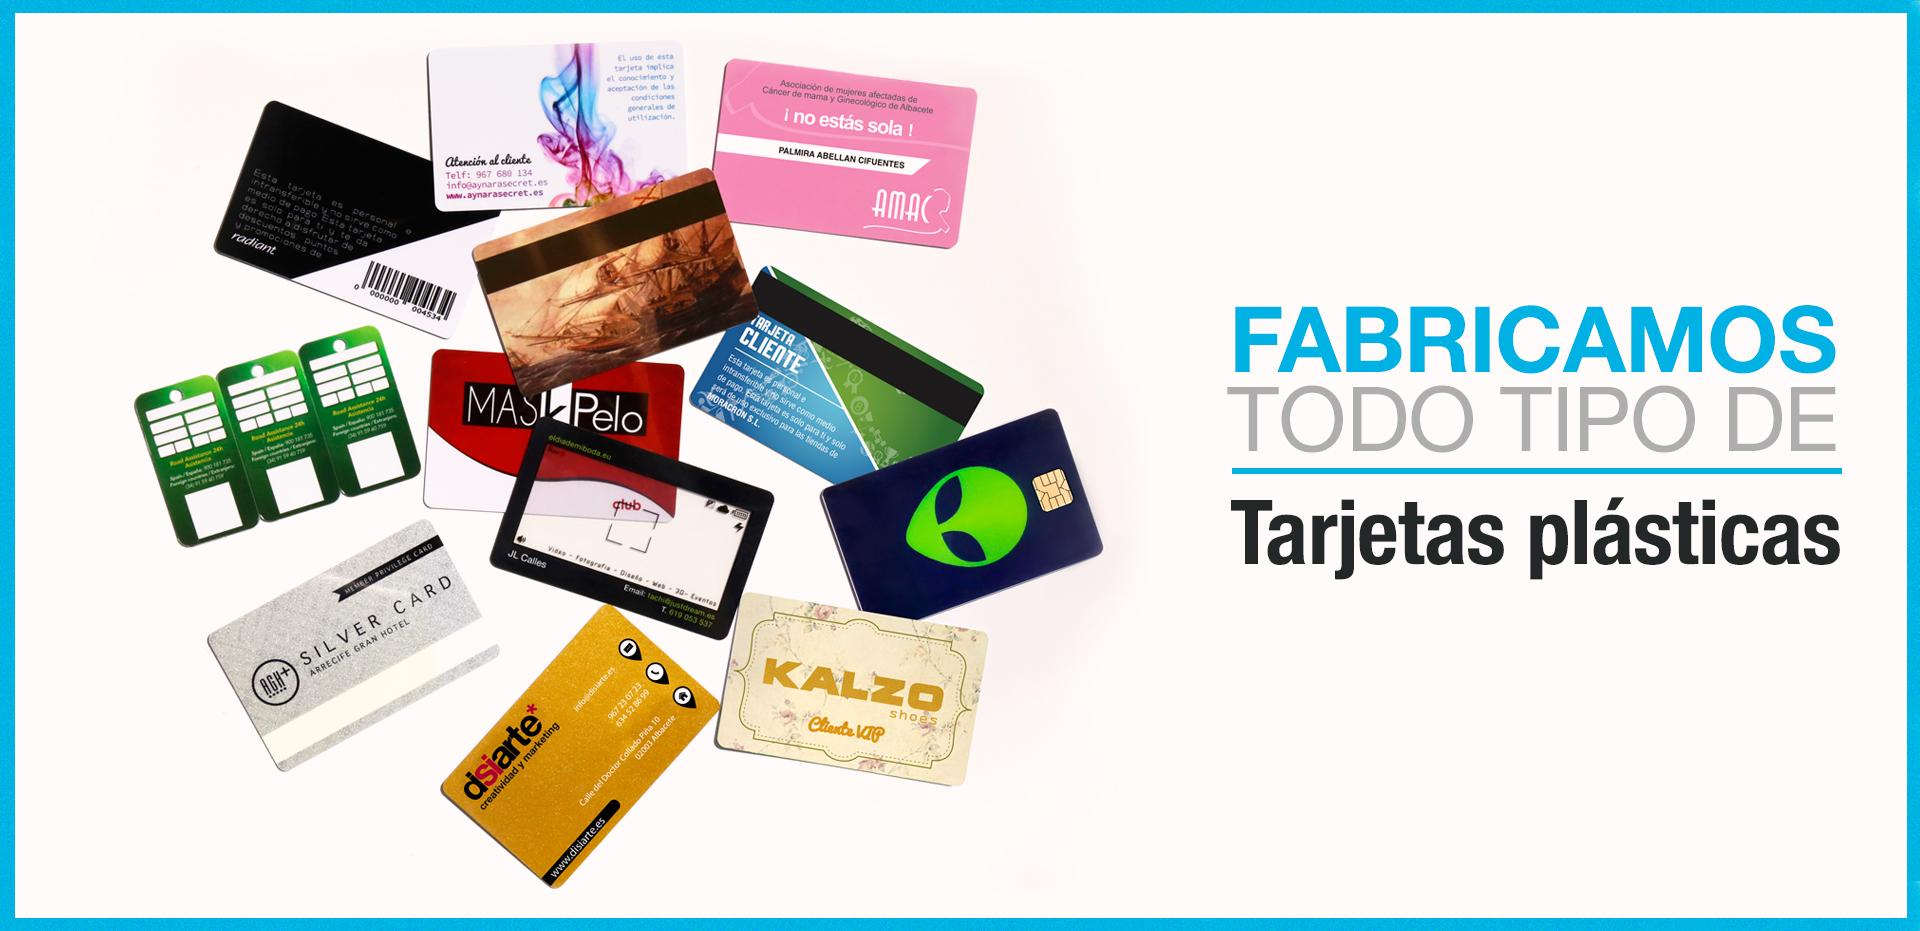 Impresión de todo tipo de tarjetas plásticas y tarjetas PVC